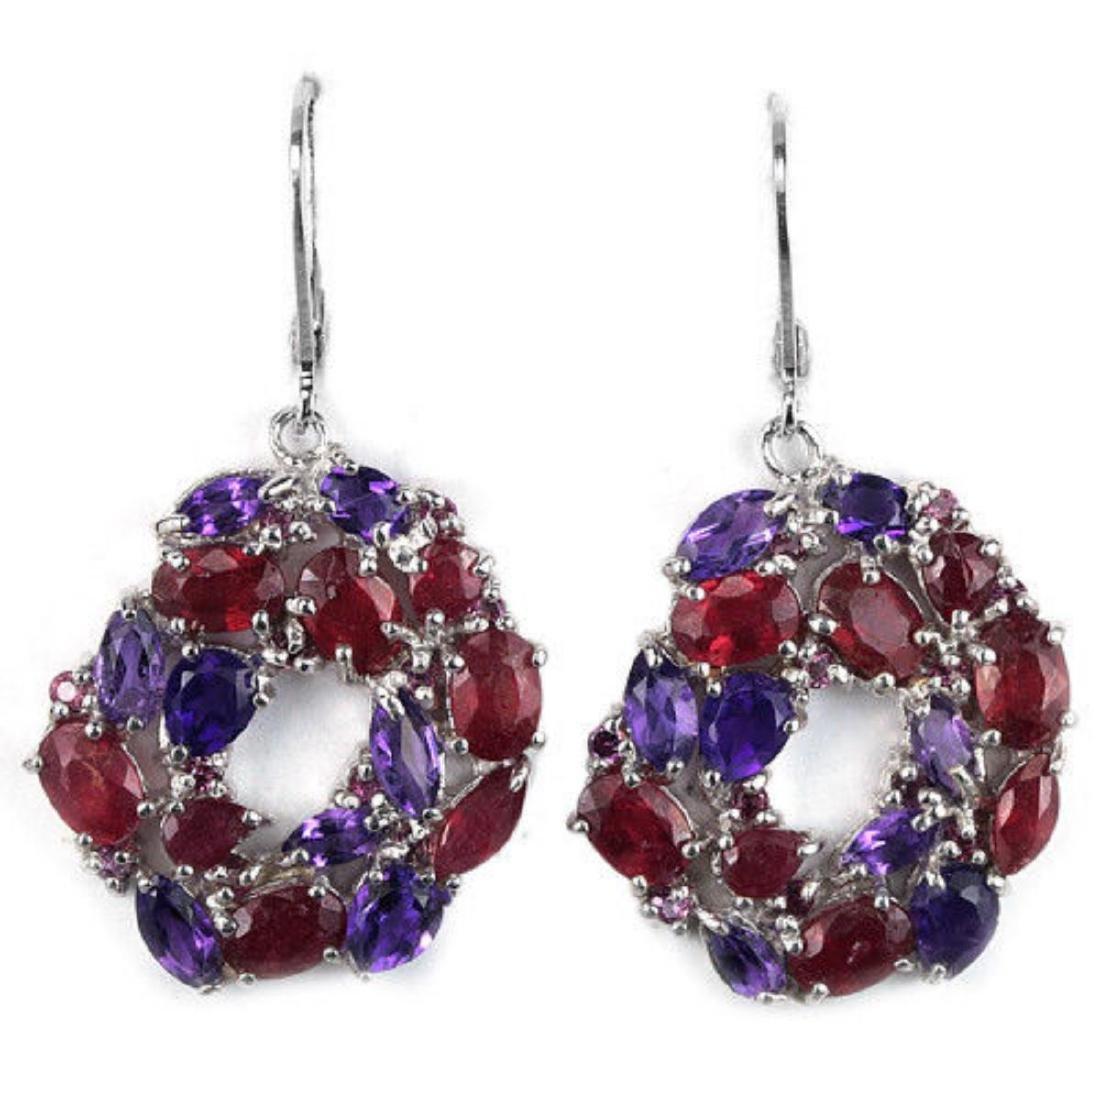 Natural BLOOD RED RUBY & PURPLE AMETHYST Earrings